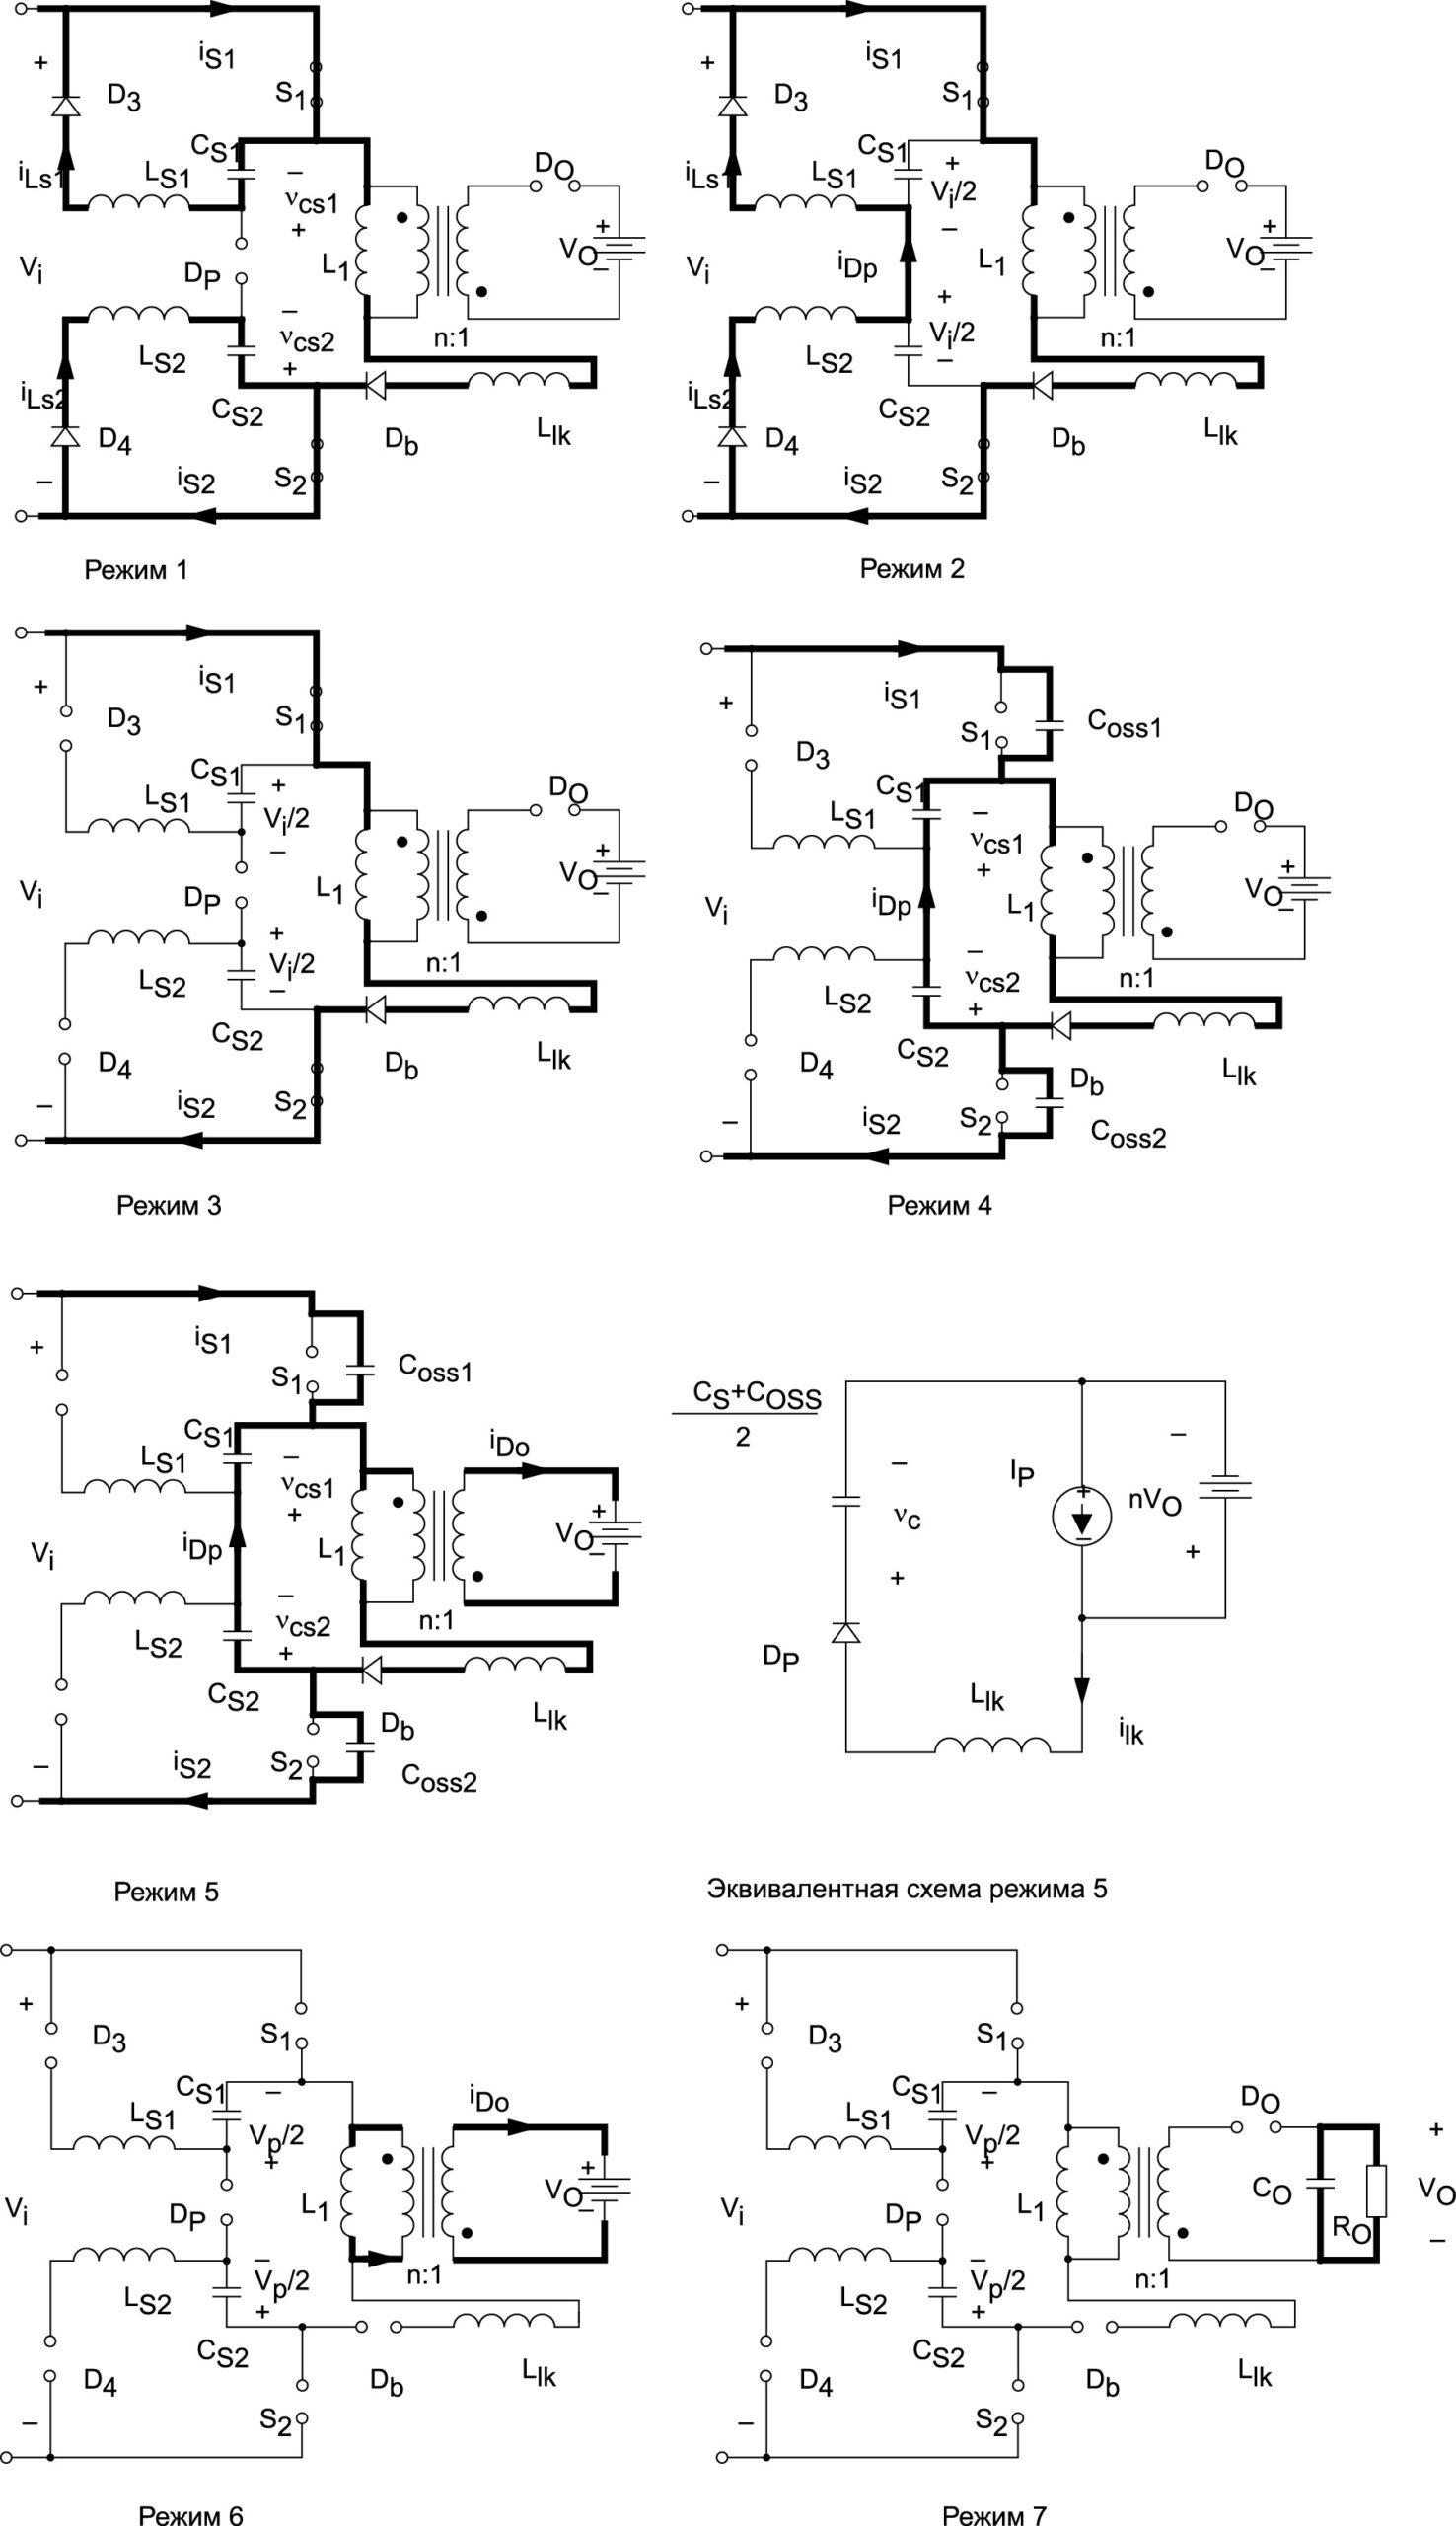 Режимы работы схемы, приведенной на рис. 3